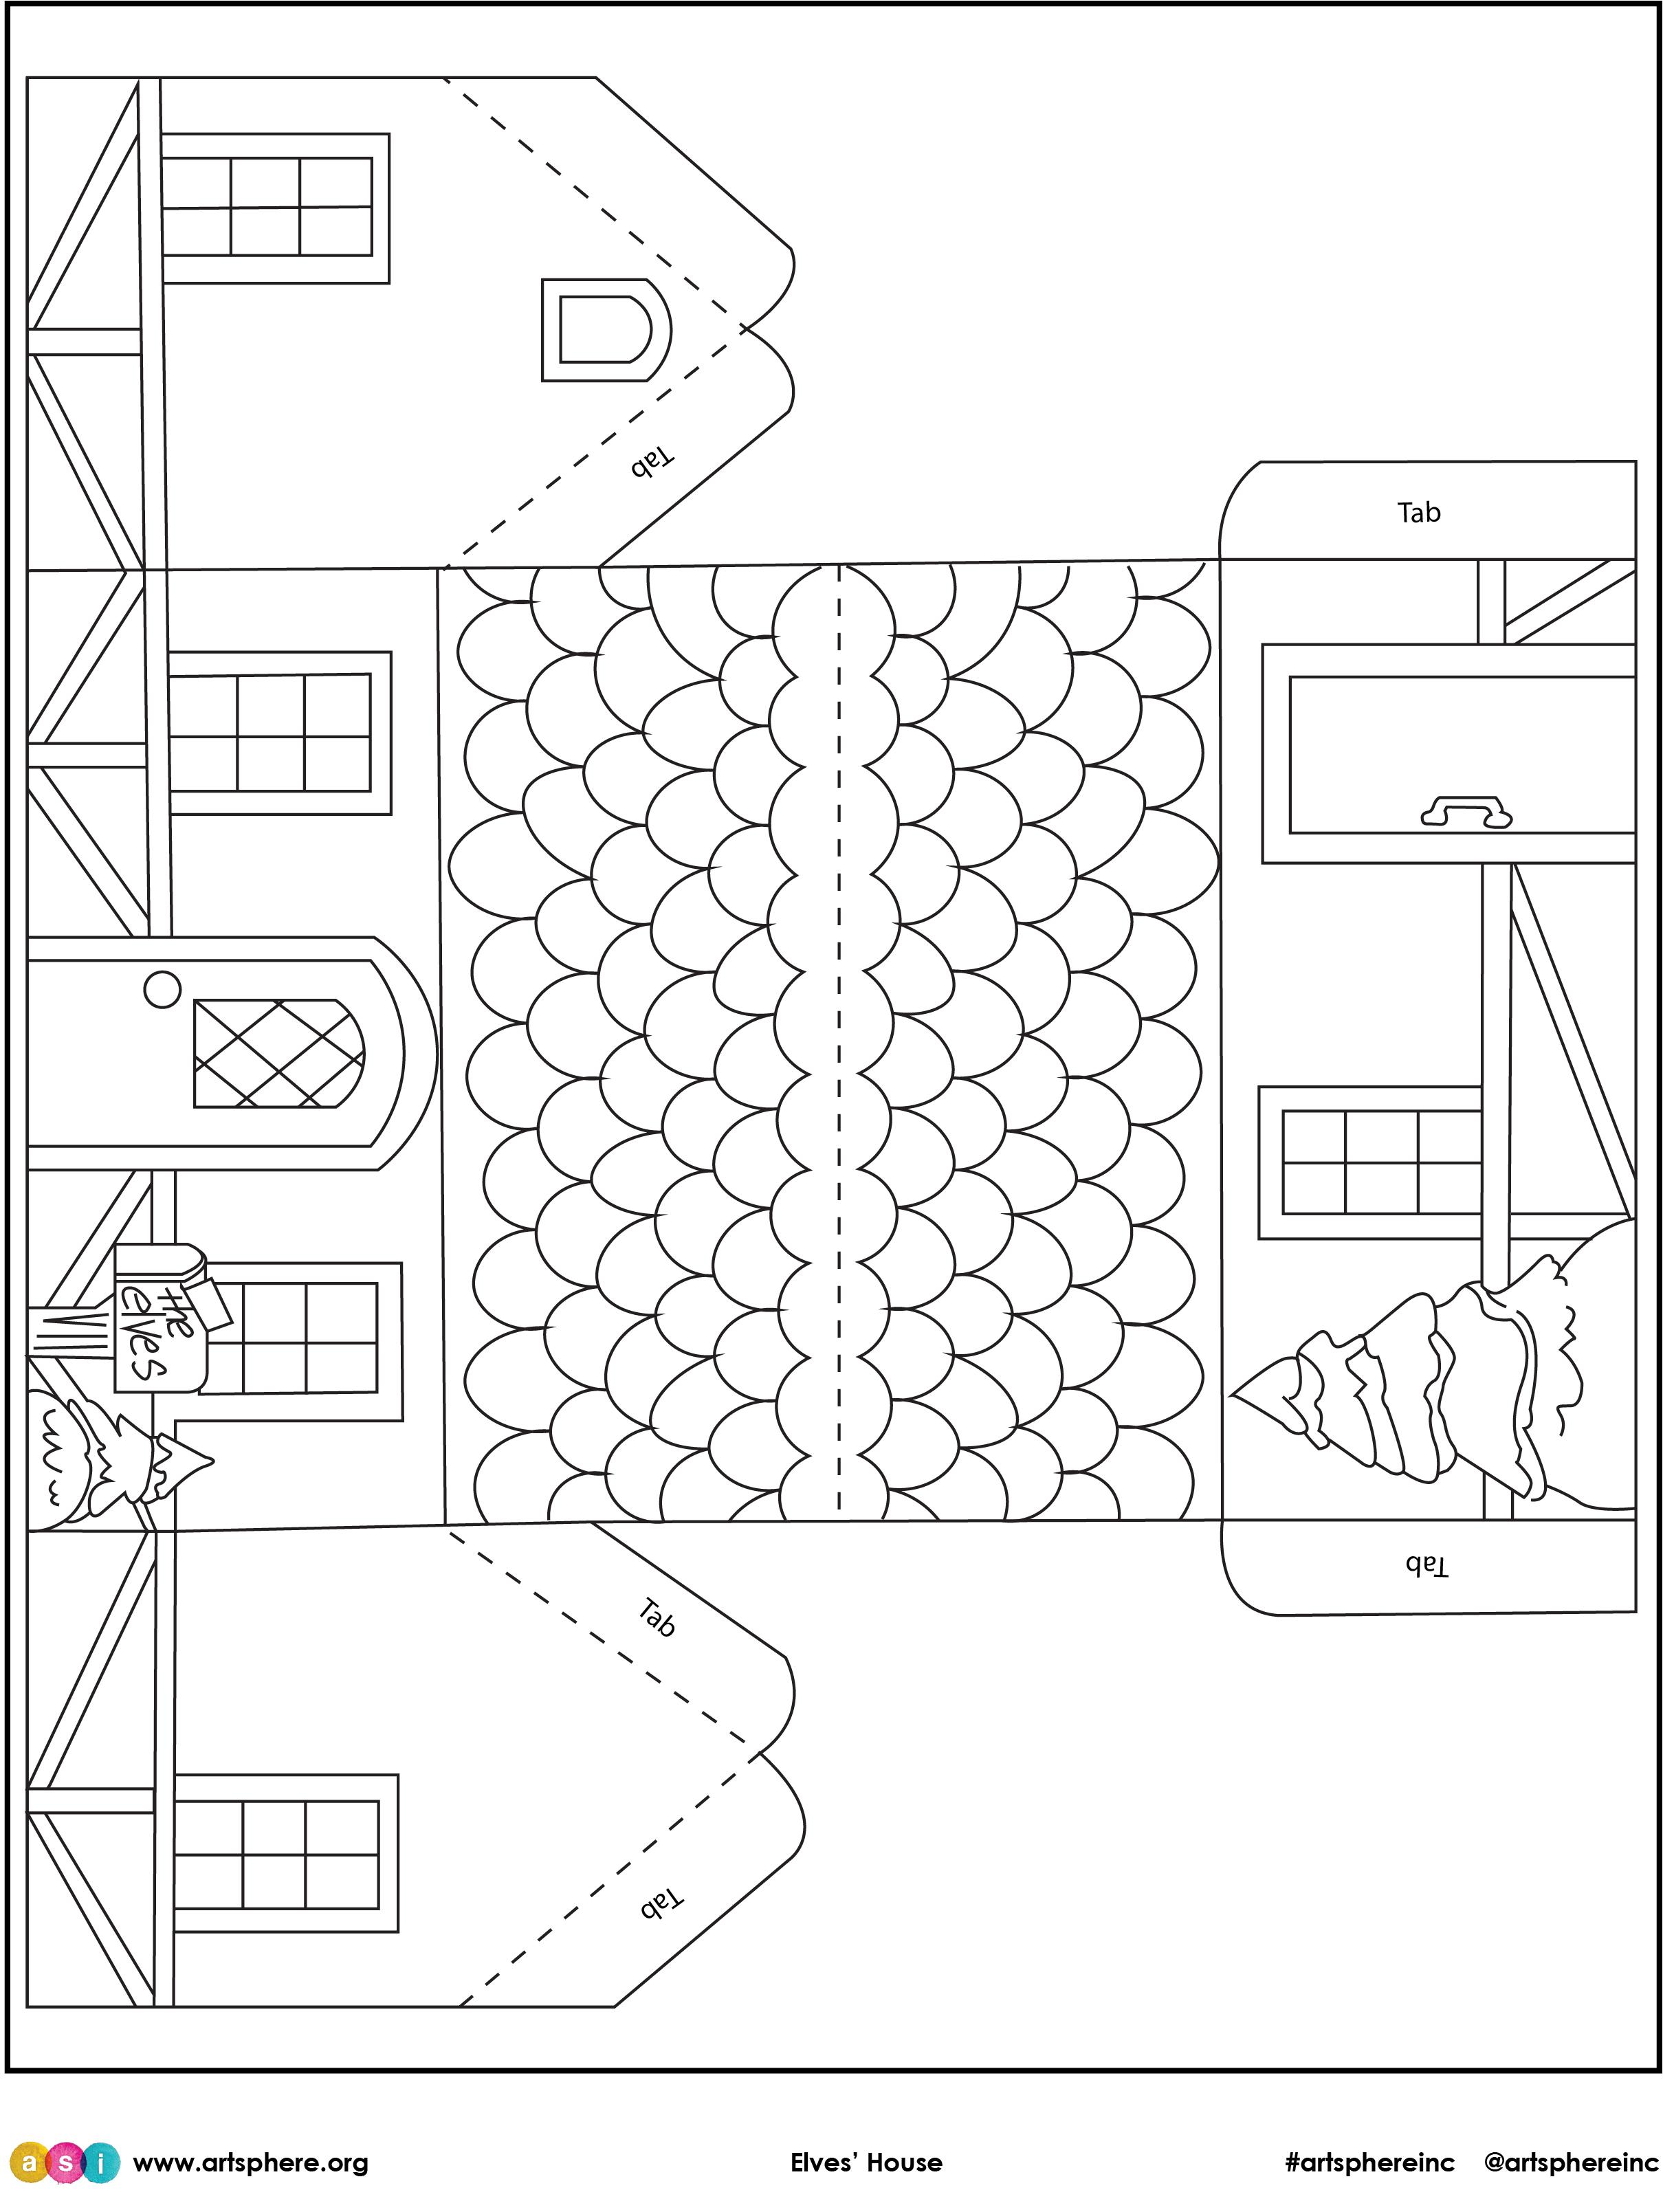 Free Lesson Plan: Elves' House Handout